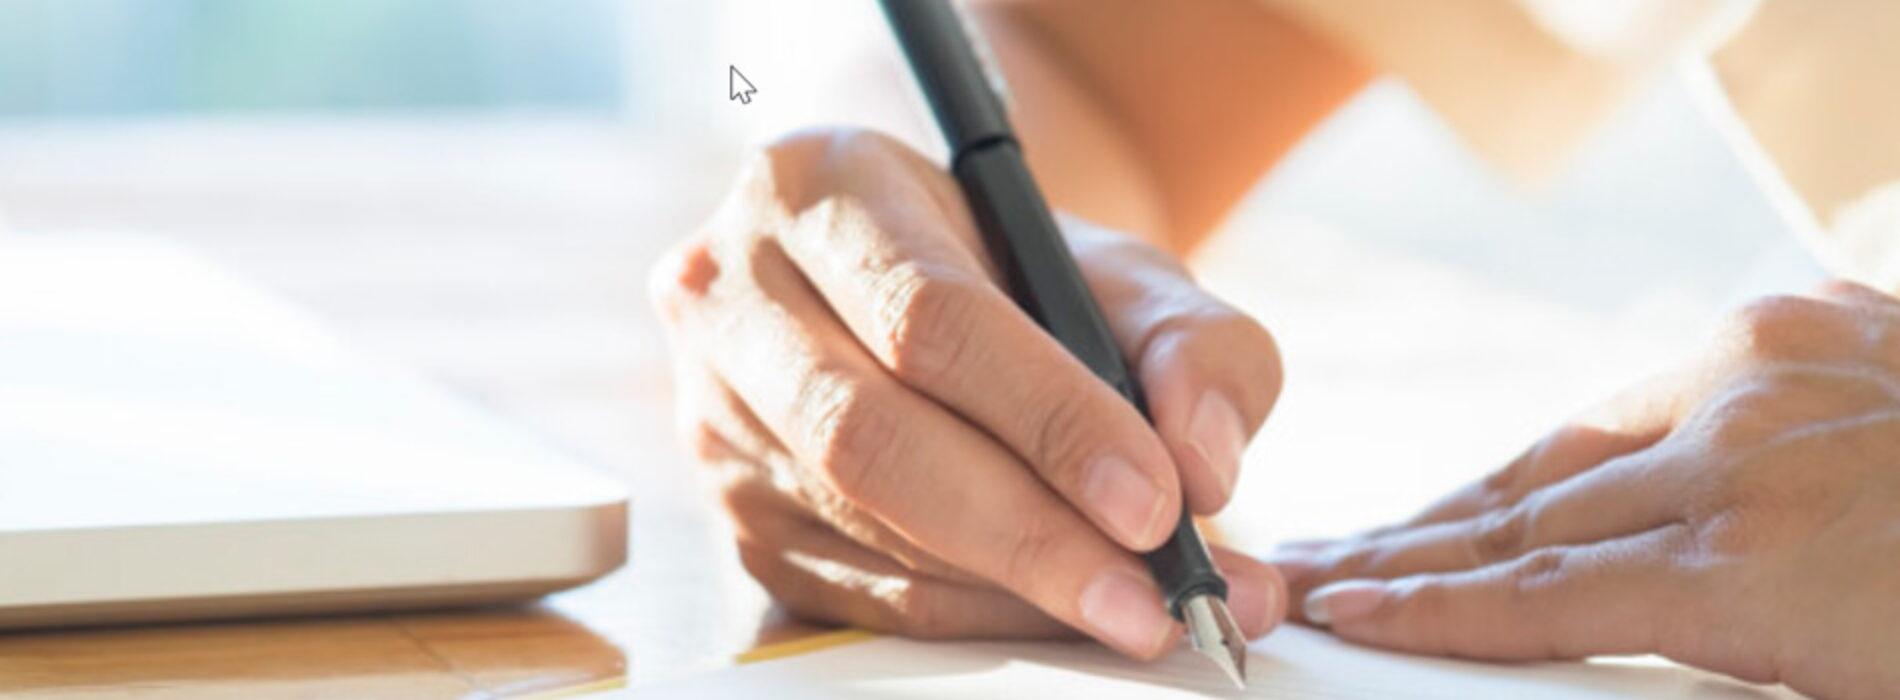 Jakie dokumenty potrzebne są do przyznania renty rodzinnej?